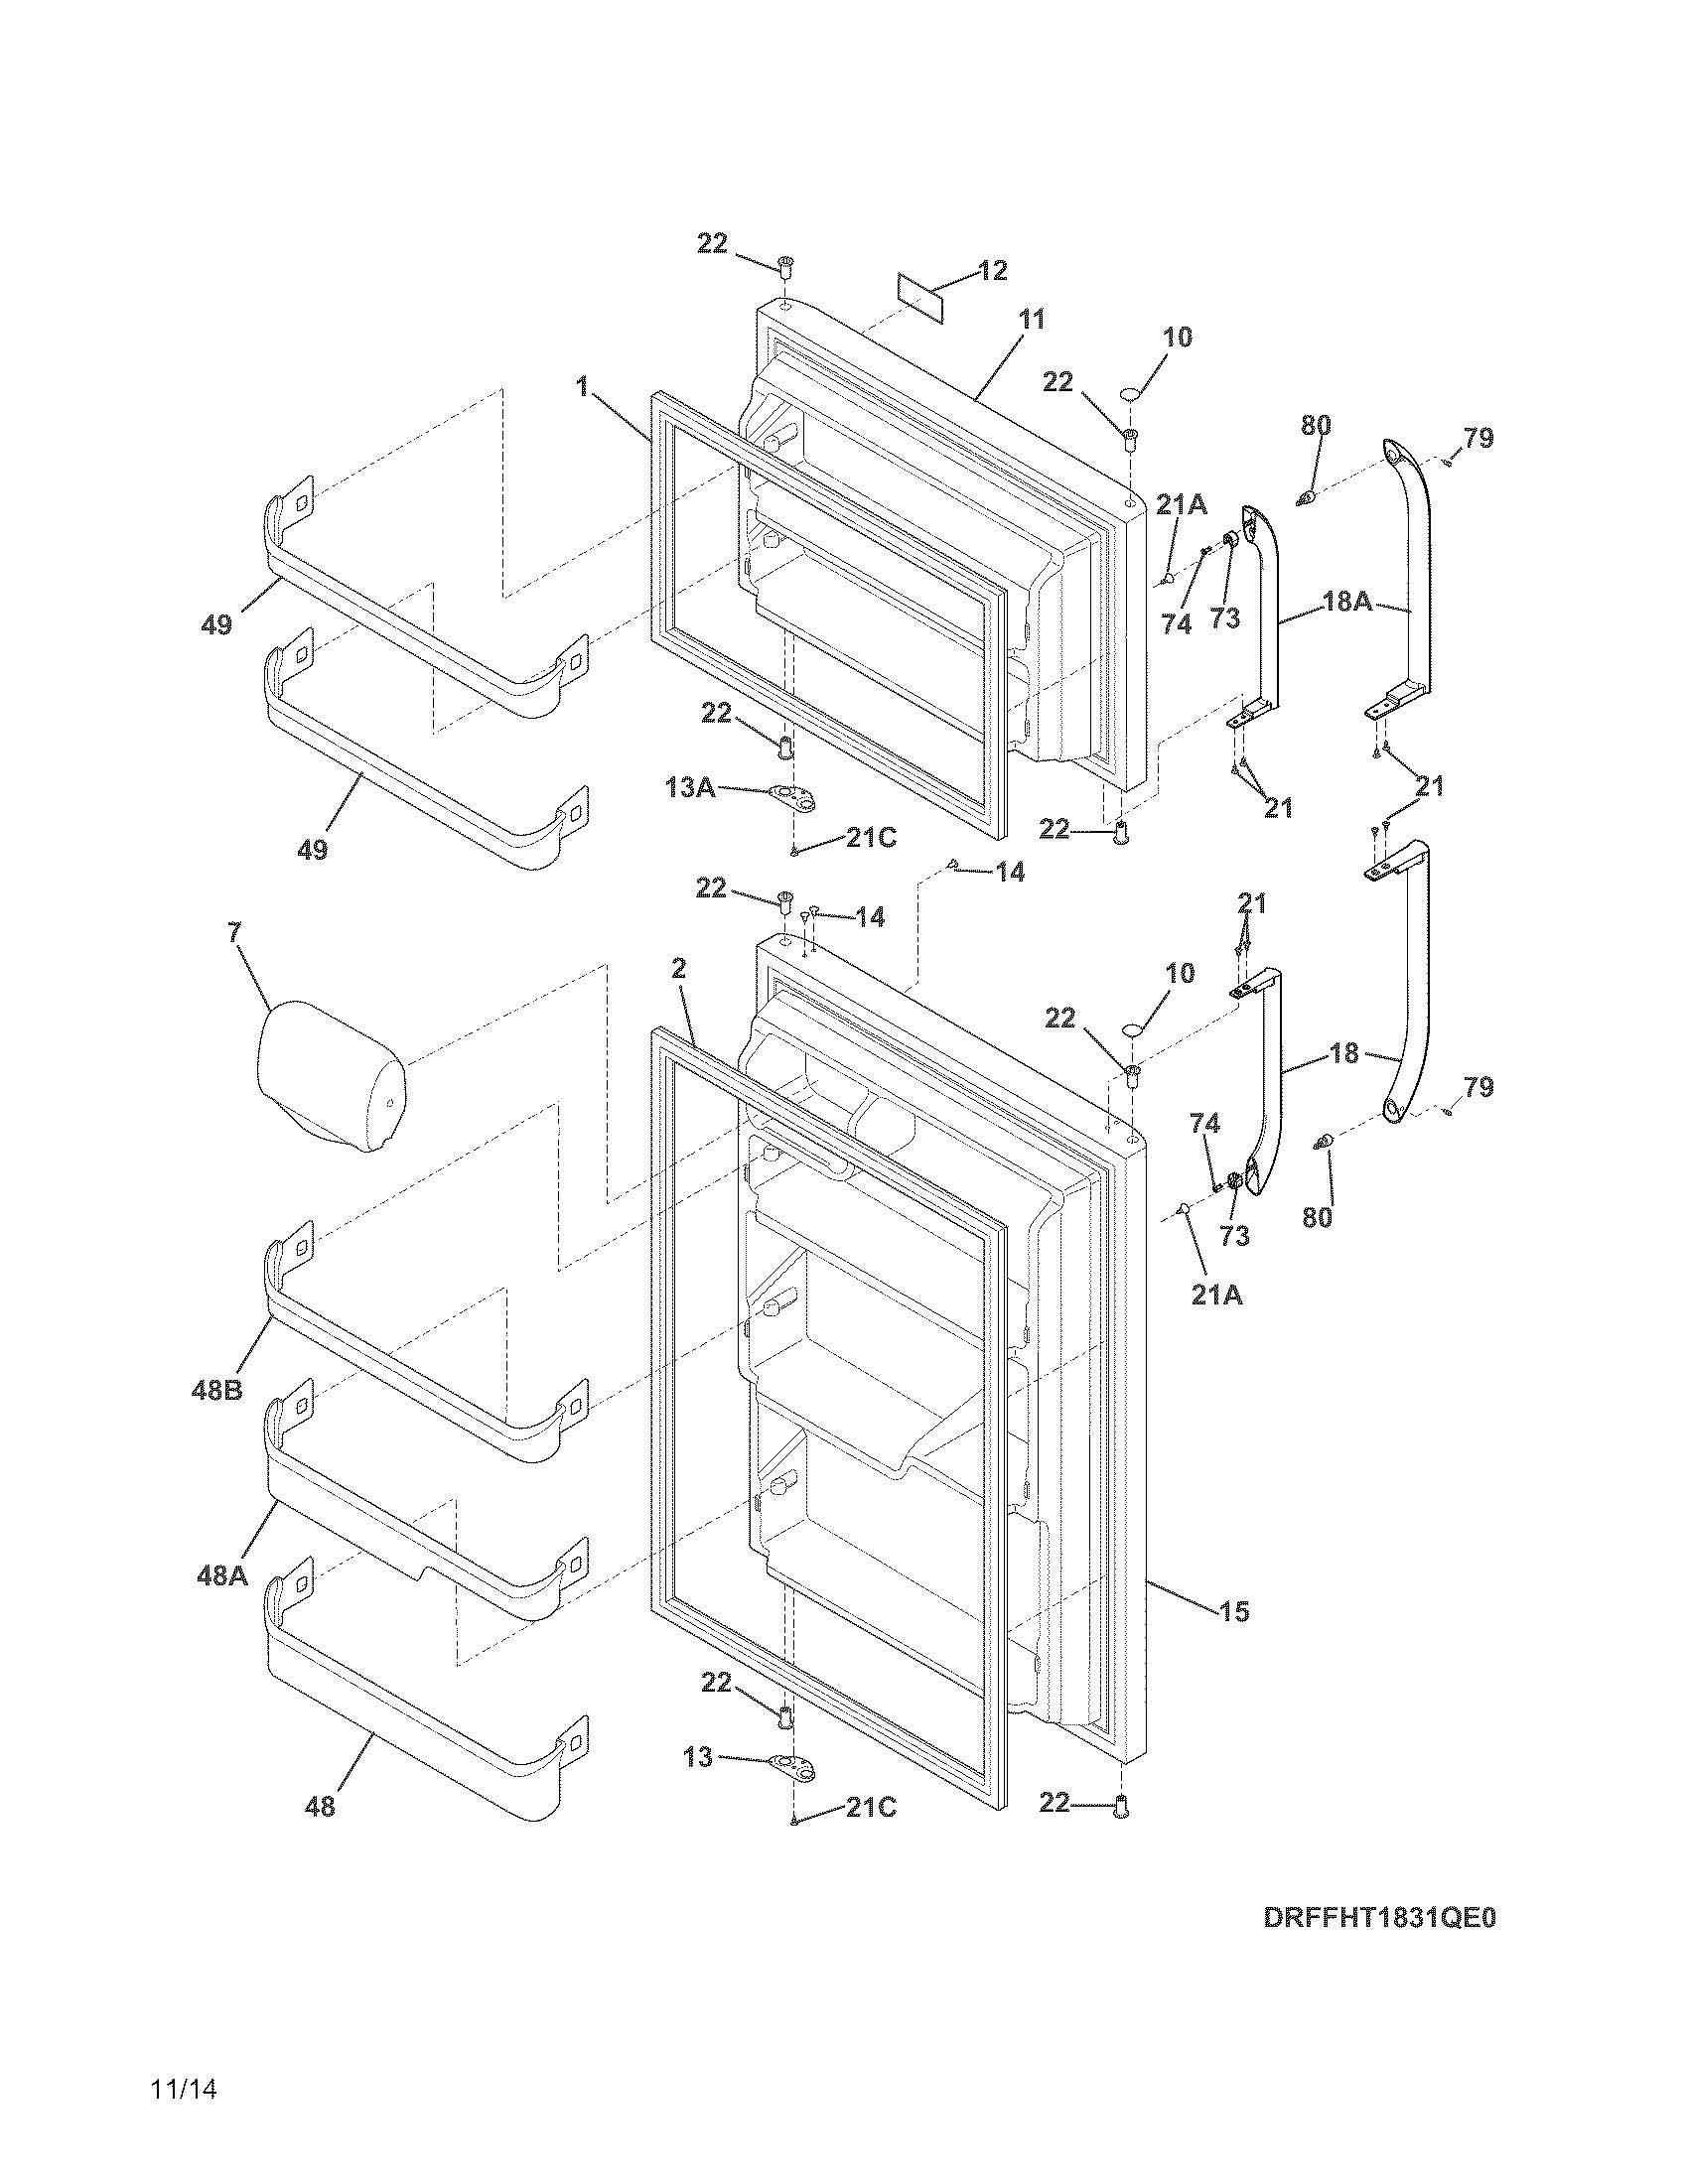 frigidaire model lfht1831qf0 top